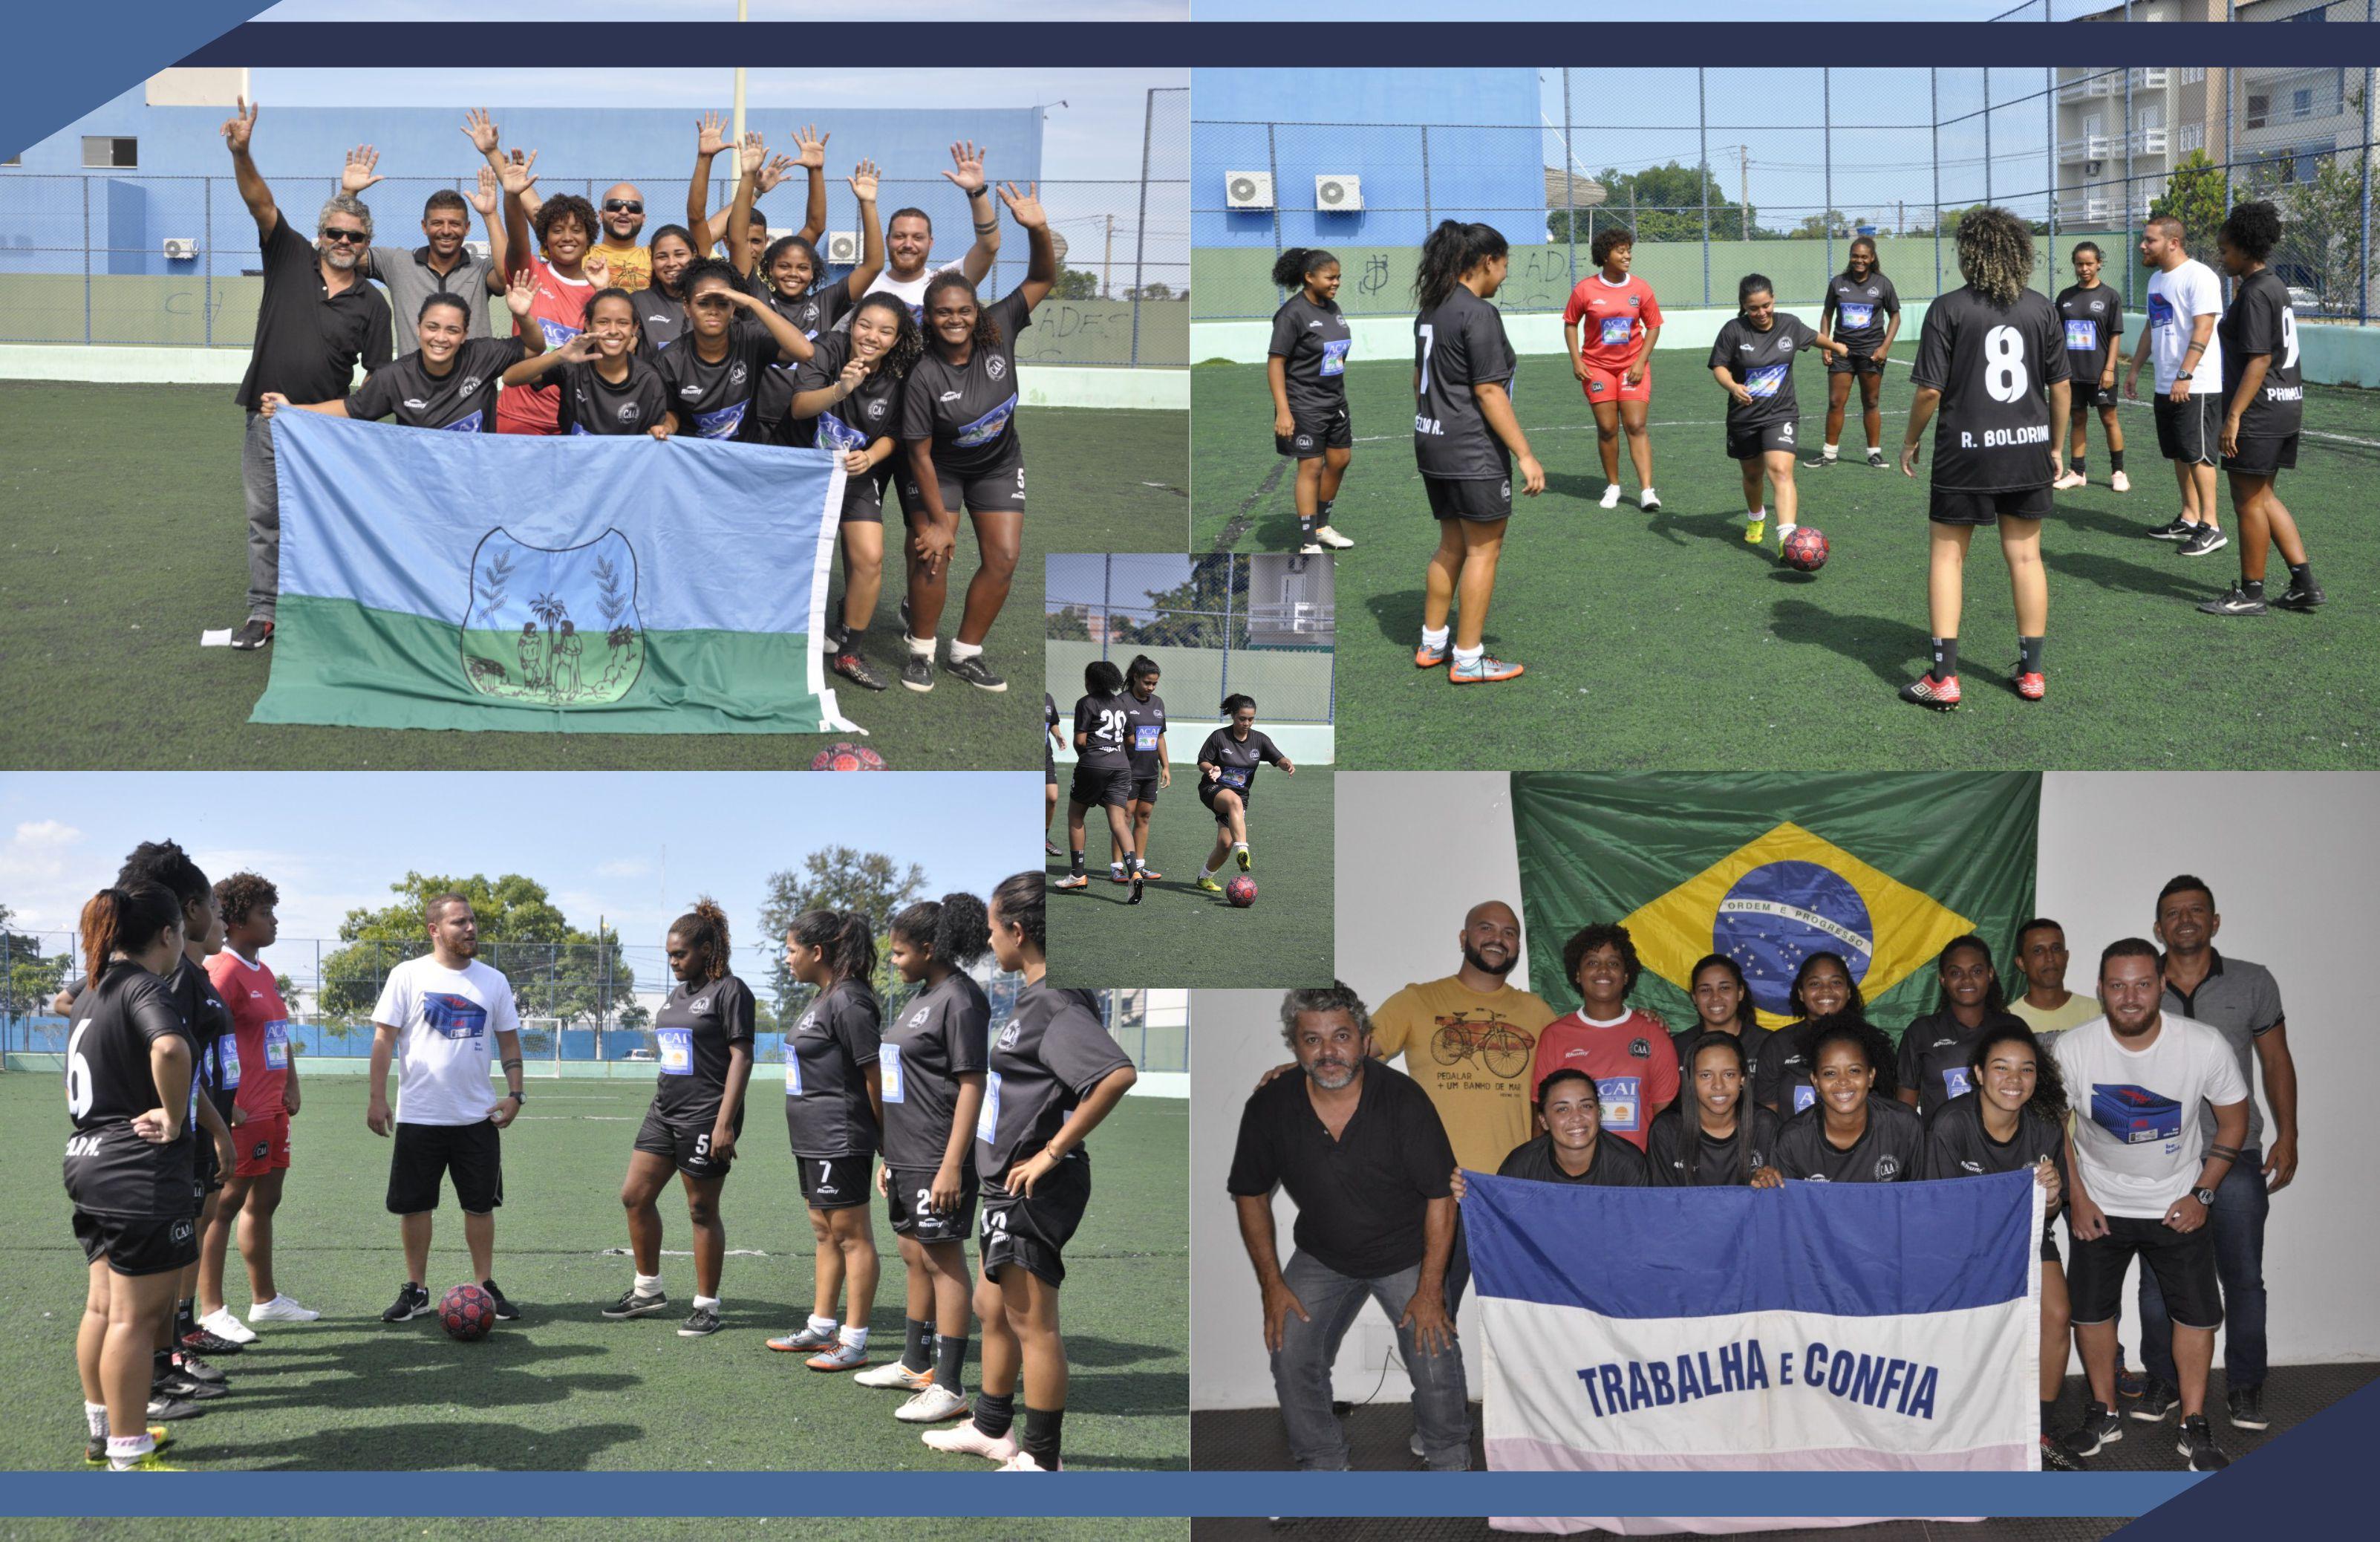 São Mateus é o Espírito Santo no Brasileiro de Futebol Feminino